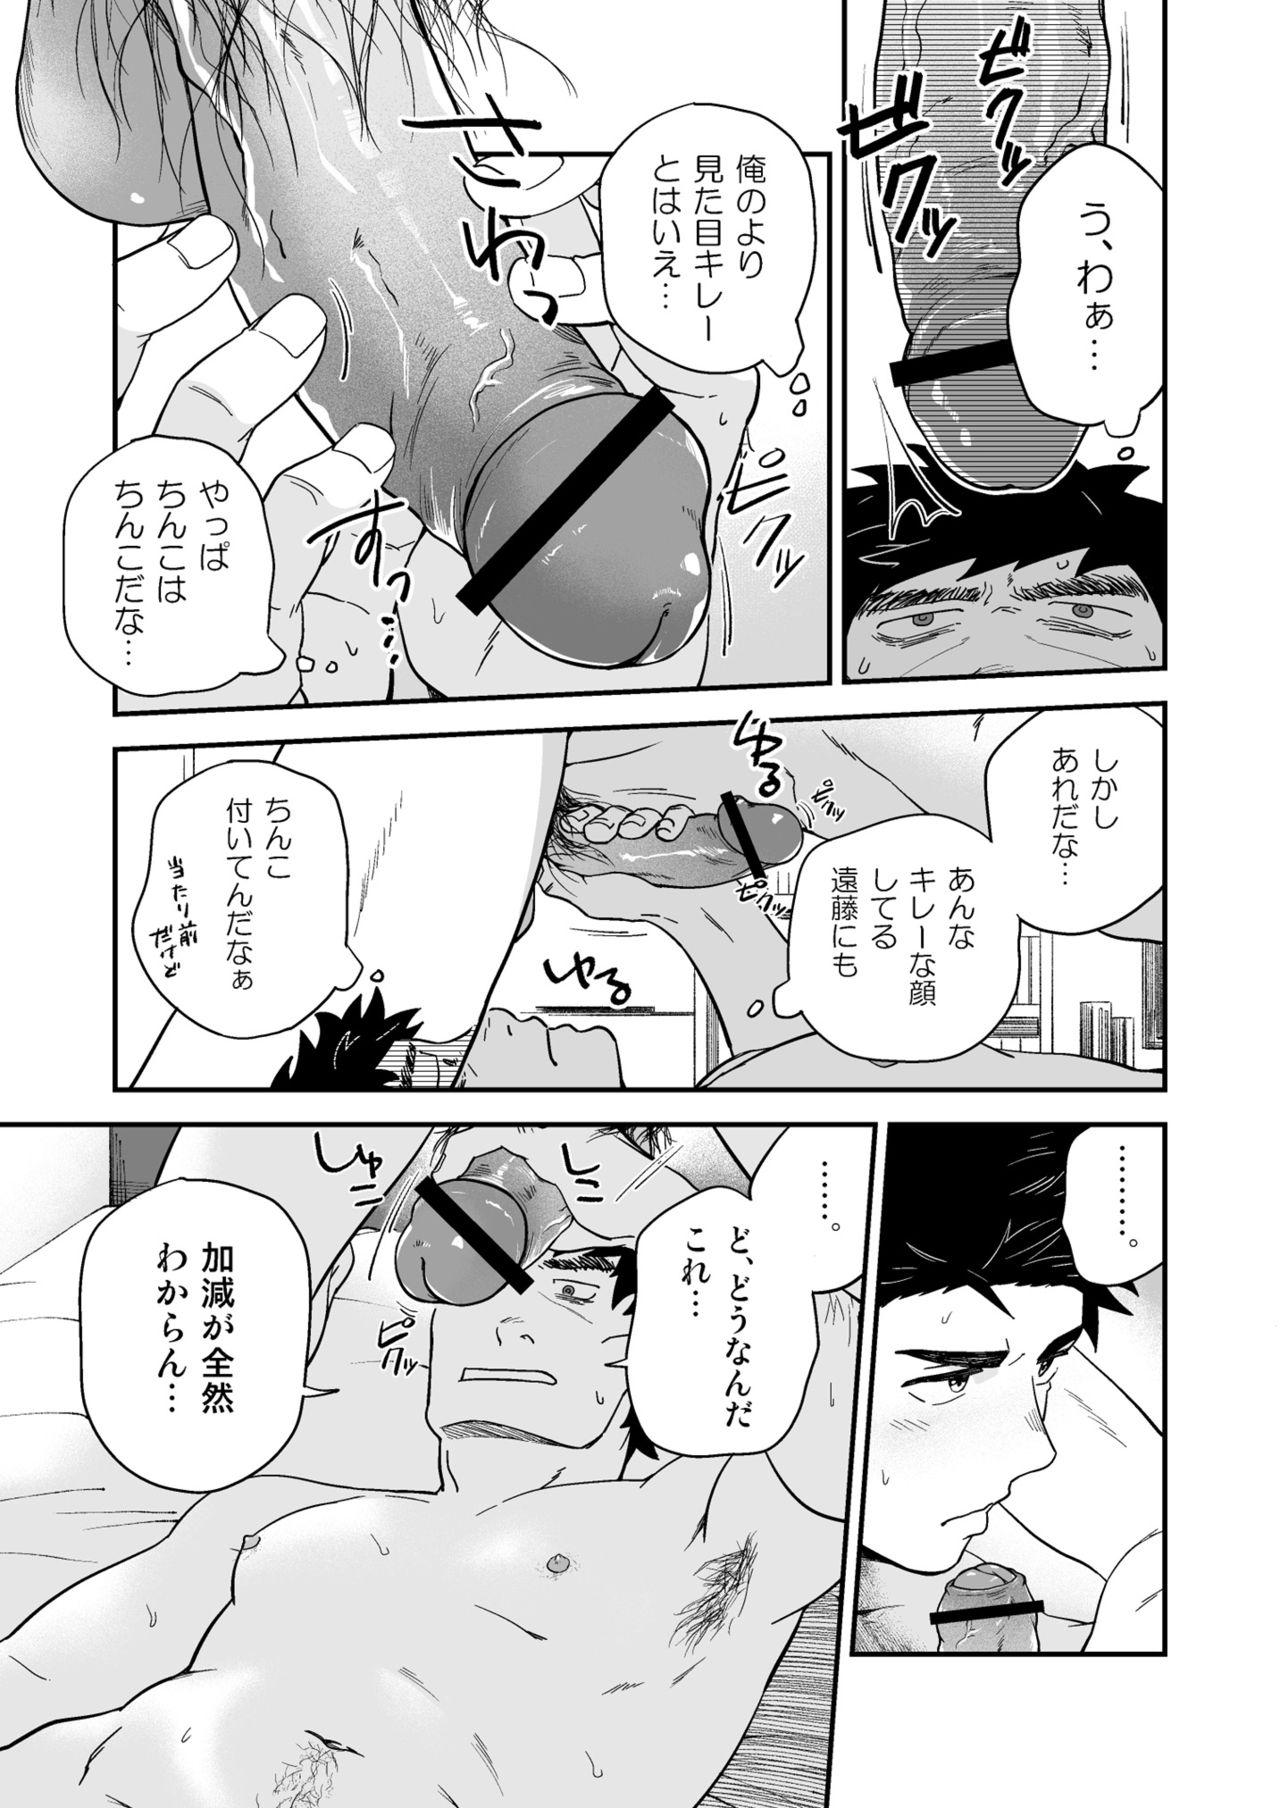 Endou to Senpai 23